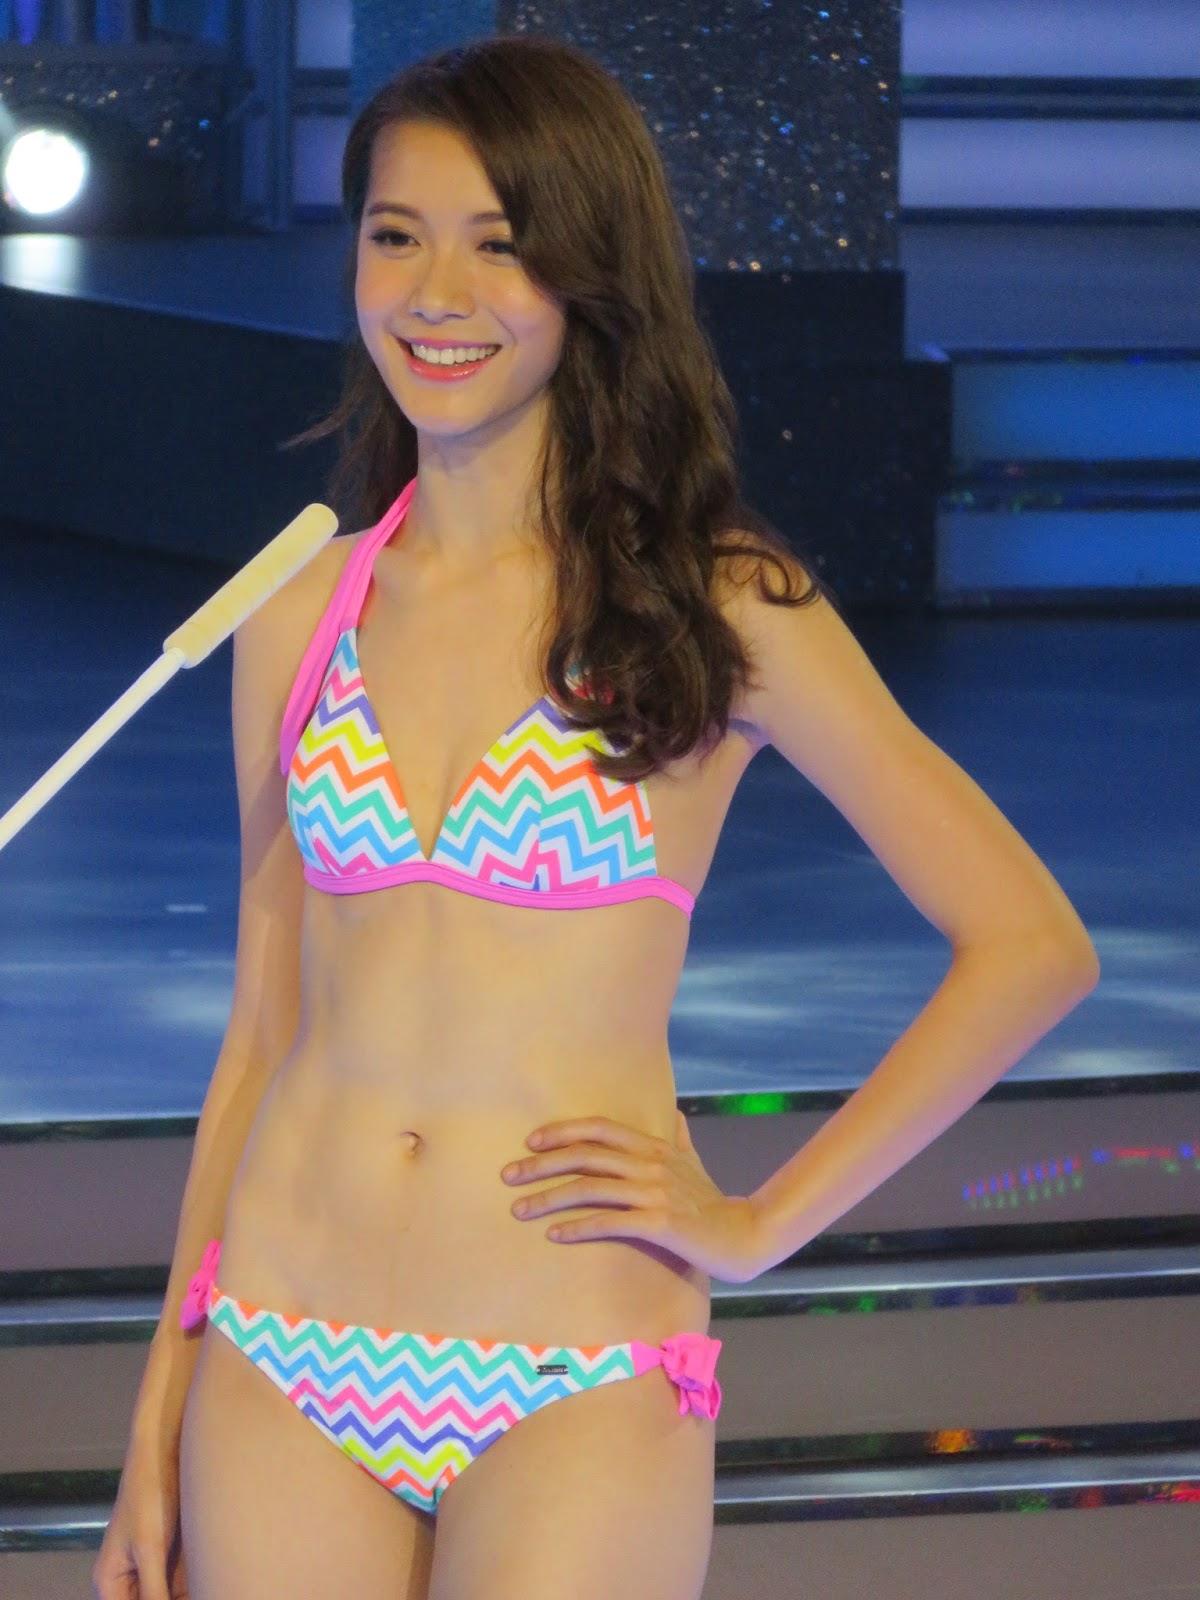 Bikini malay singapore girls nude